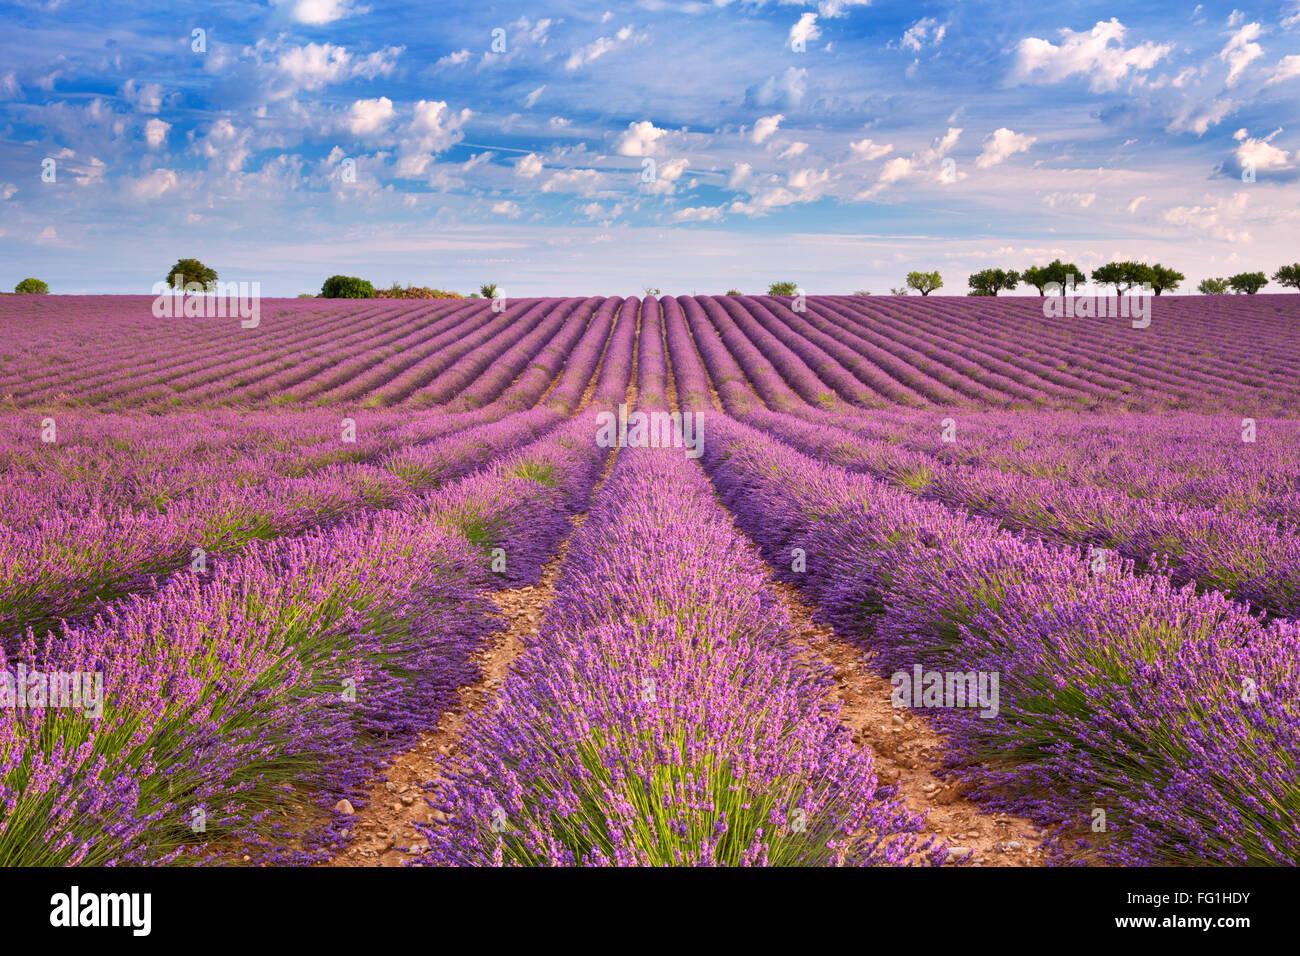 Blooming campos de lavanda en Valensole meseta en la Provenza en el sur de Francia. Imagen De Stock